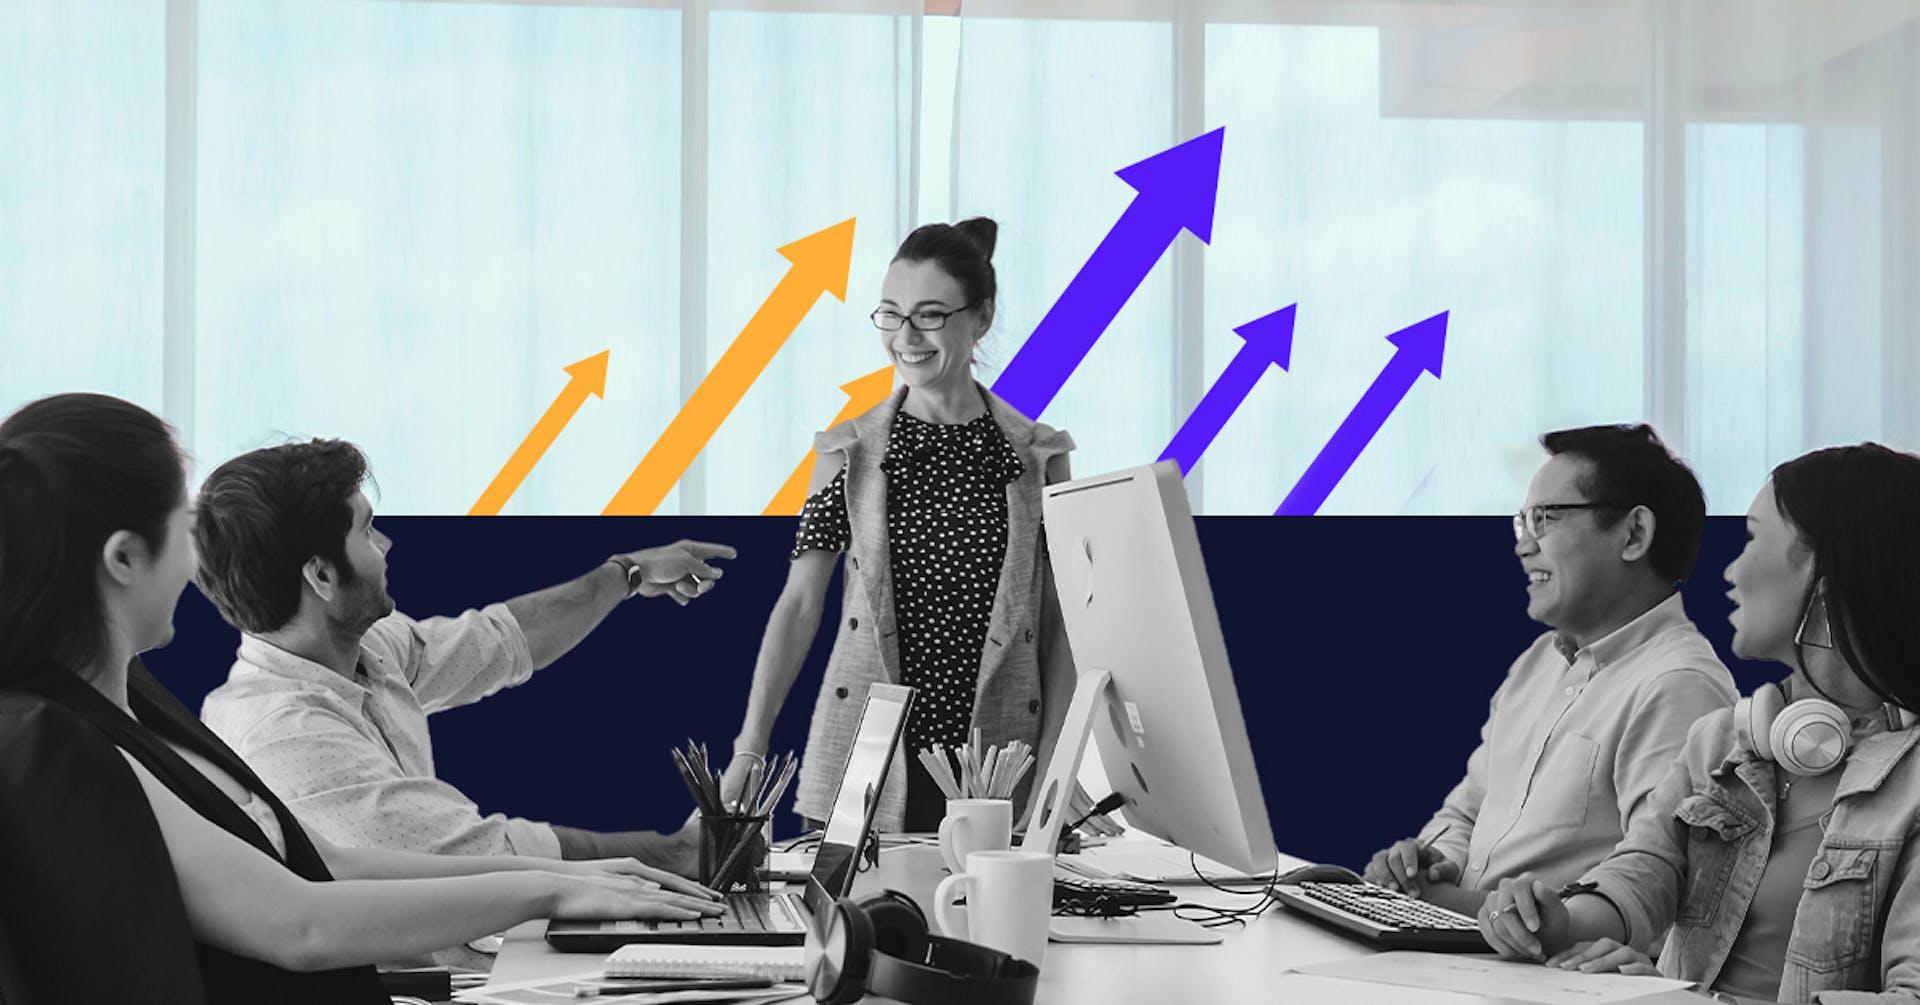 Conheça 5 situações típicas para exercer sua liderança